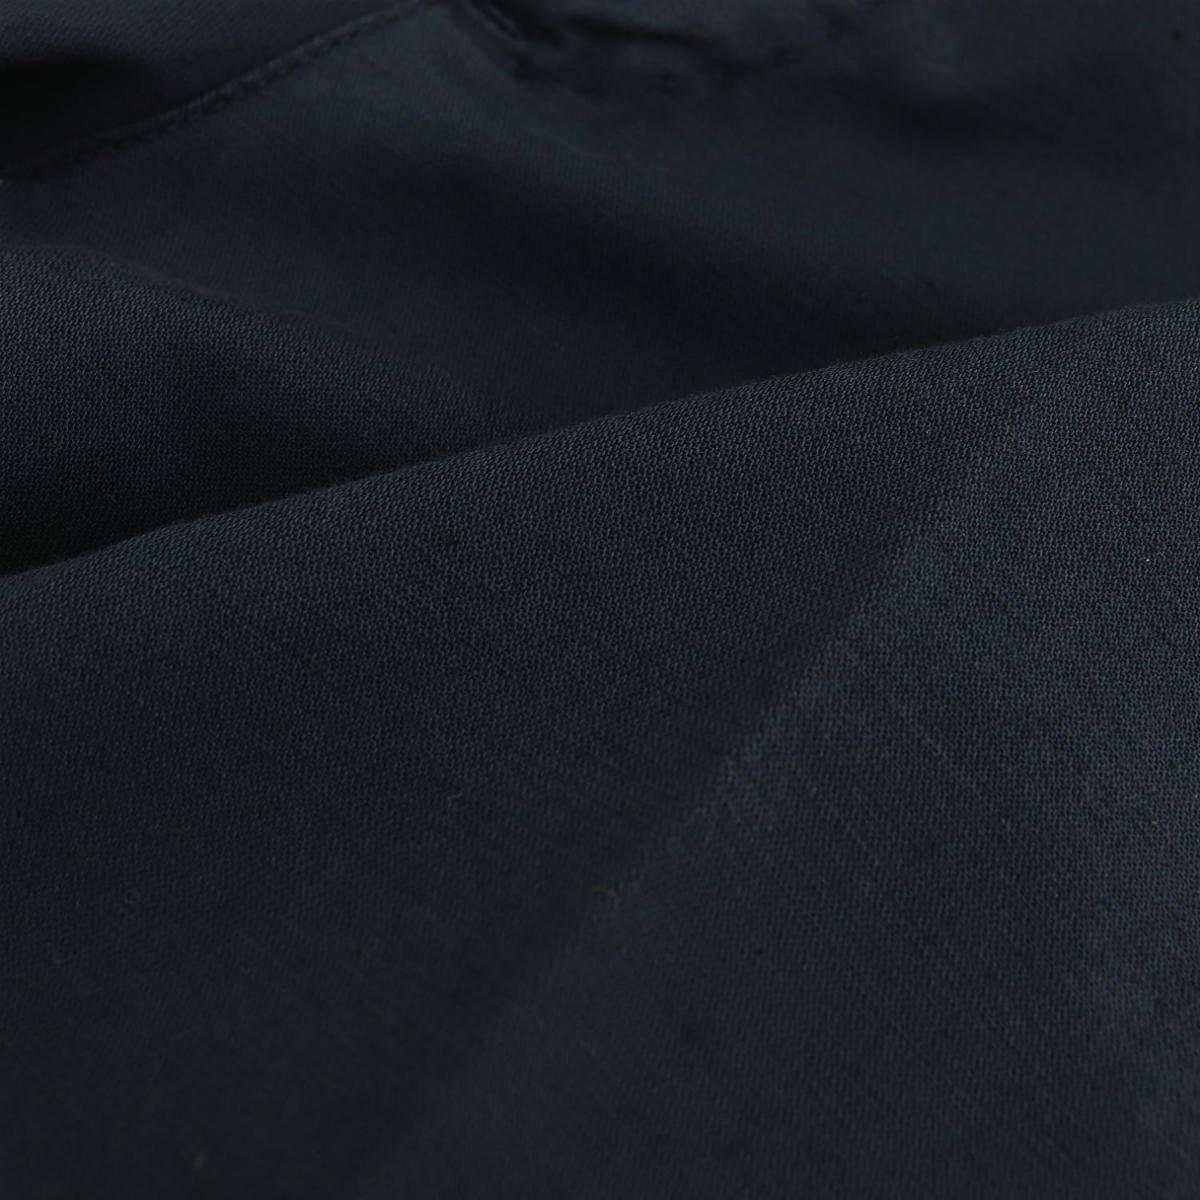 ピーティートリノ PT TORINO メンズ バミューダ ストレッチ リネン混コットン ショートパンツ BERMUDA BUSINESS CBBTKCZ00CL1 PTT PU30 0350(ブルー) 春夏新作